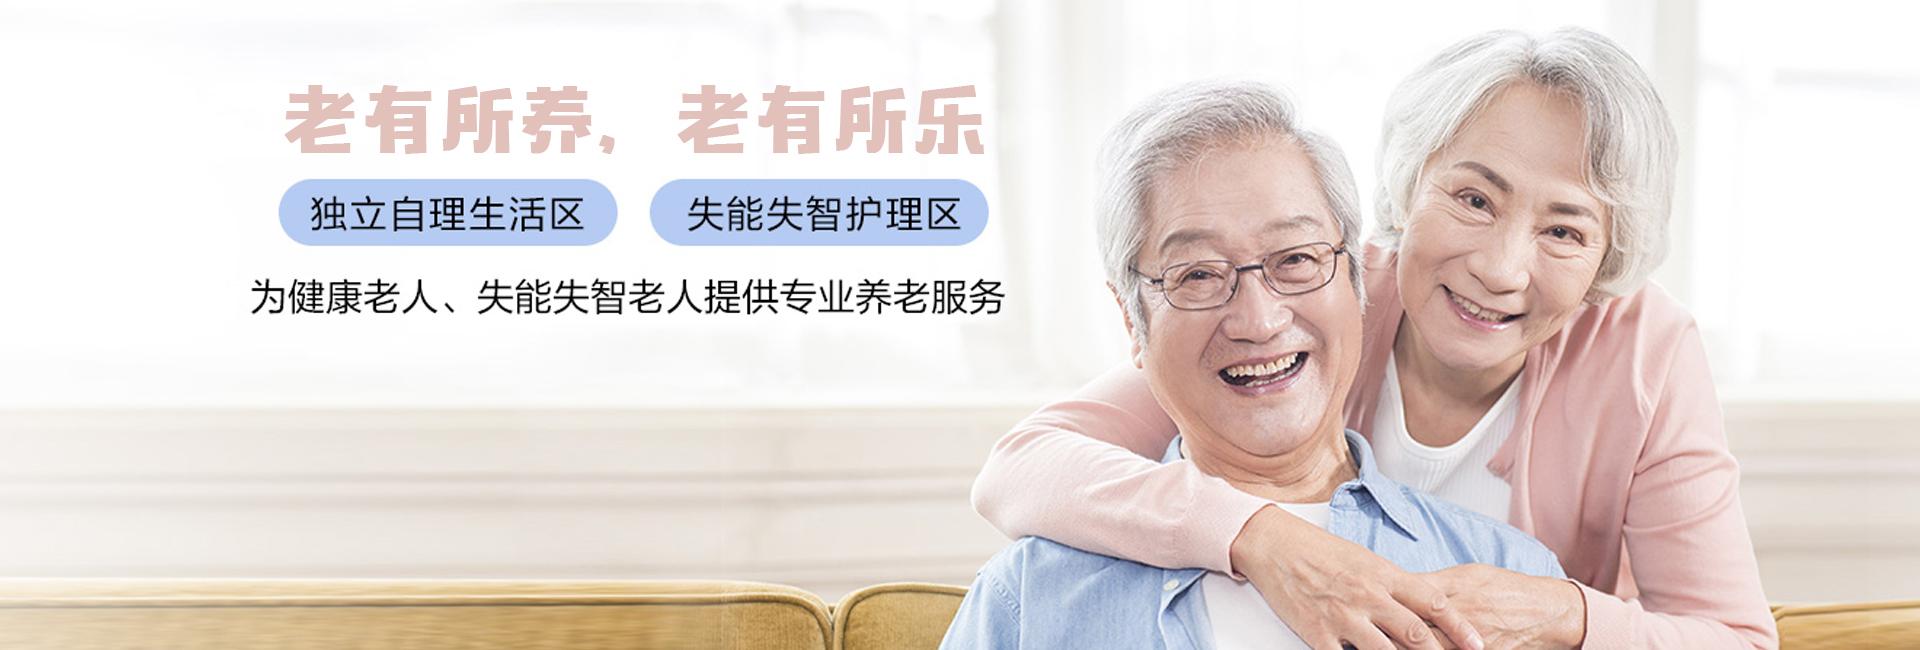 桂林秀峰区养老院介绍老年人生活照料服务内容